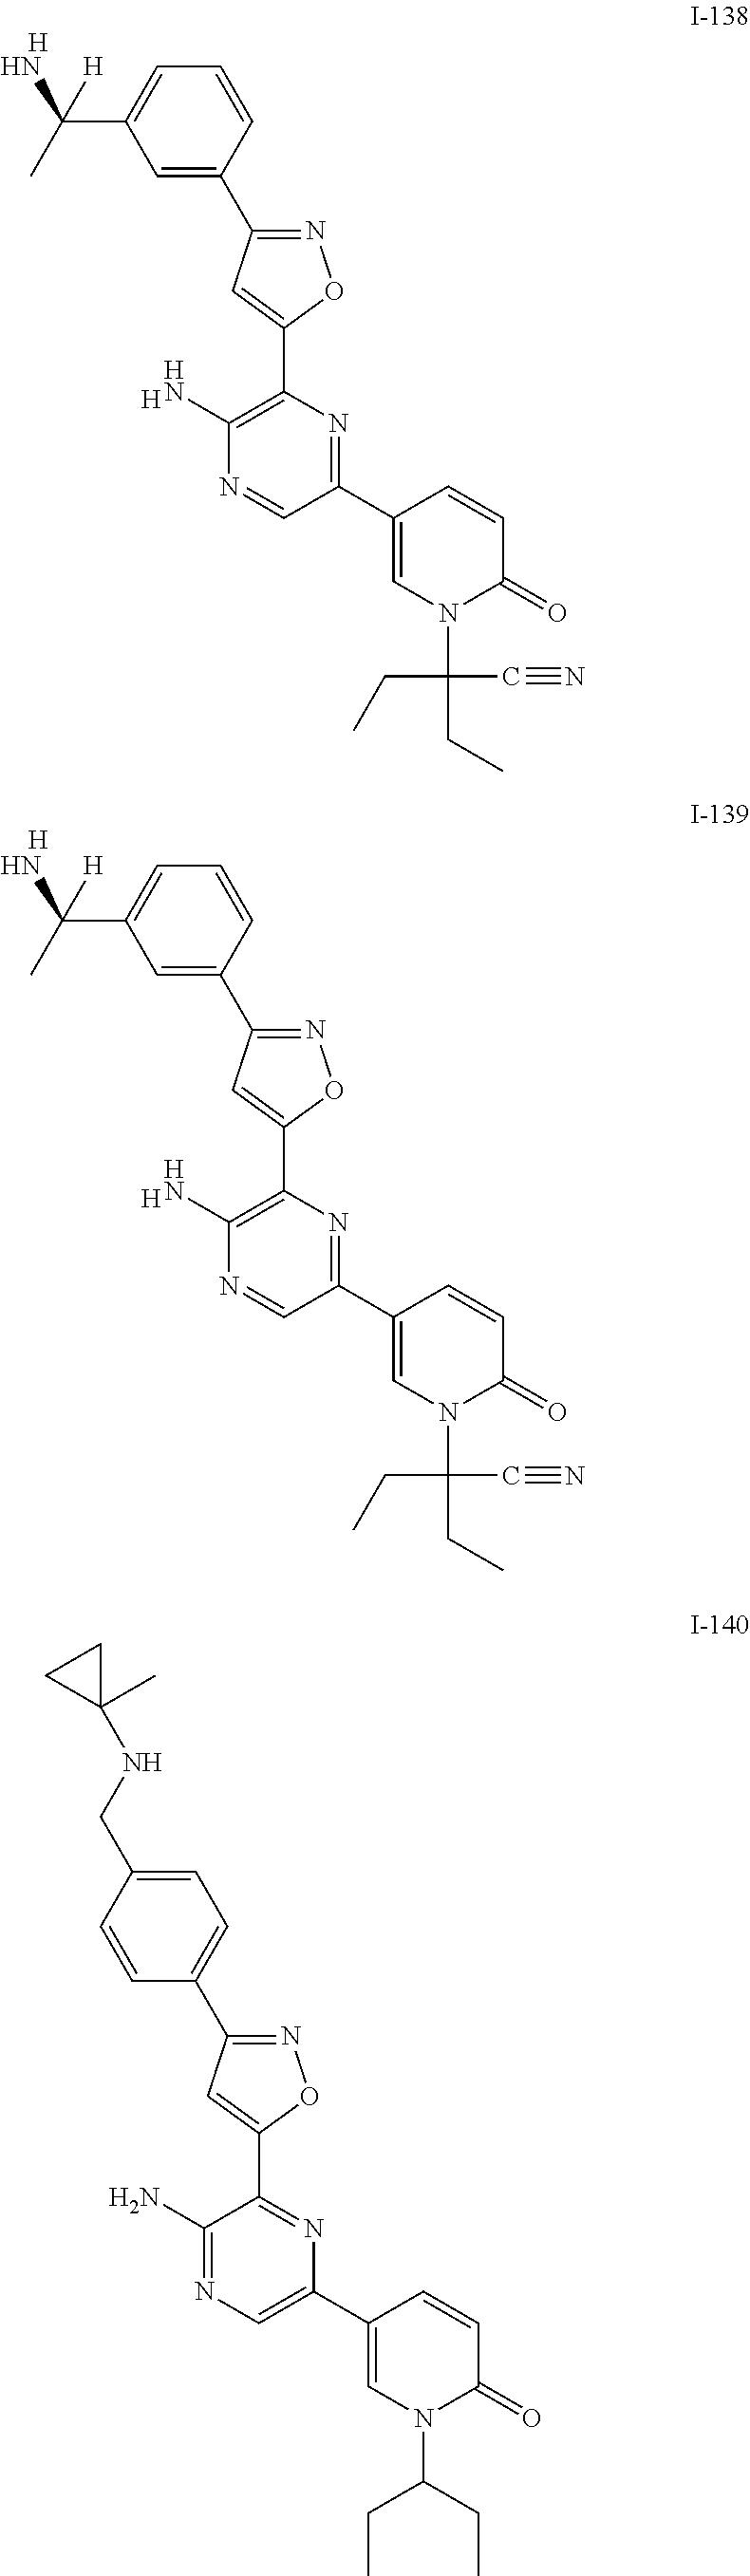 Figure US09630956-20170425-C00265